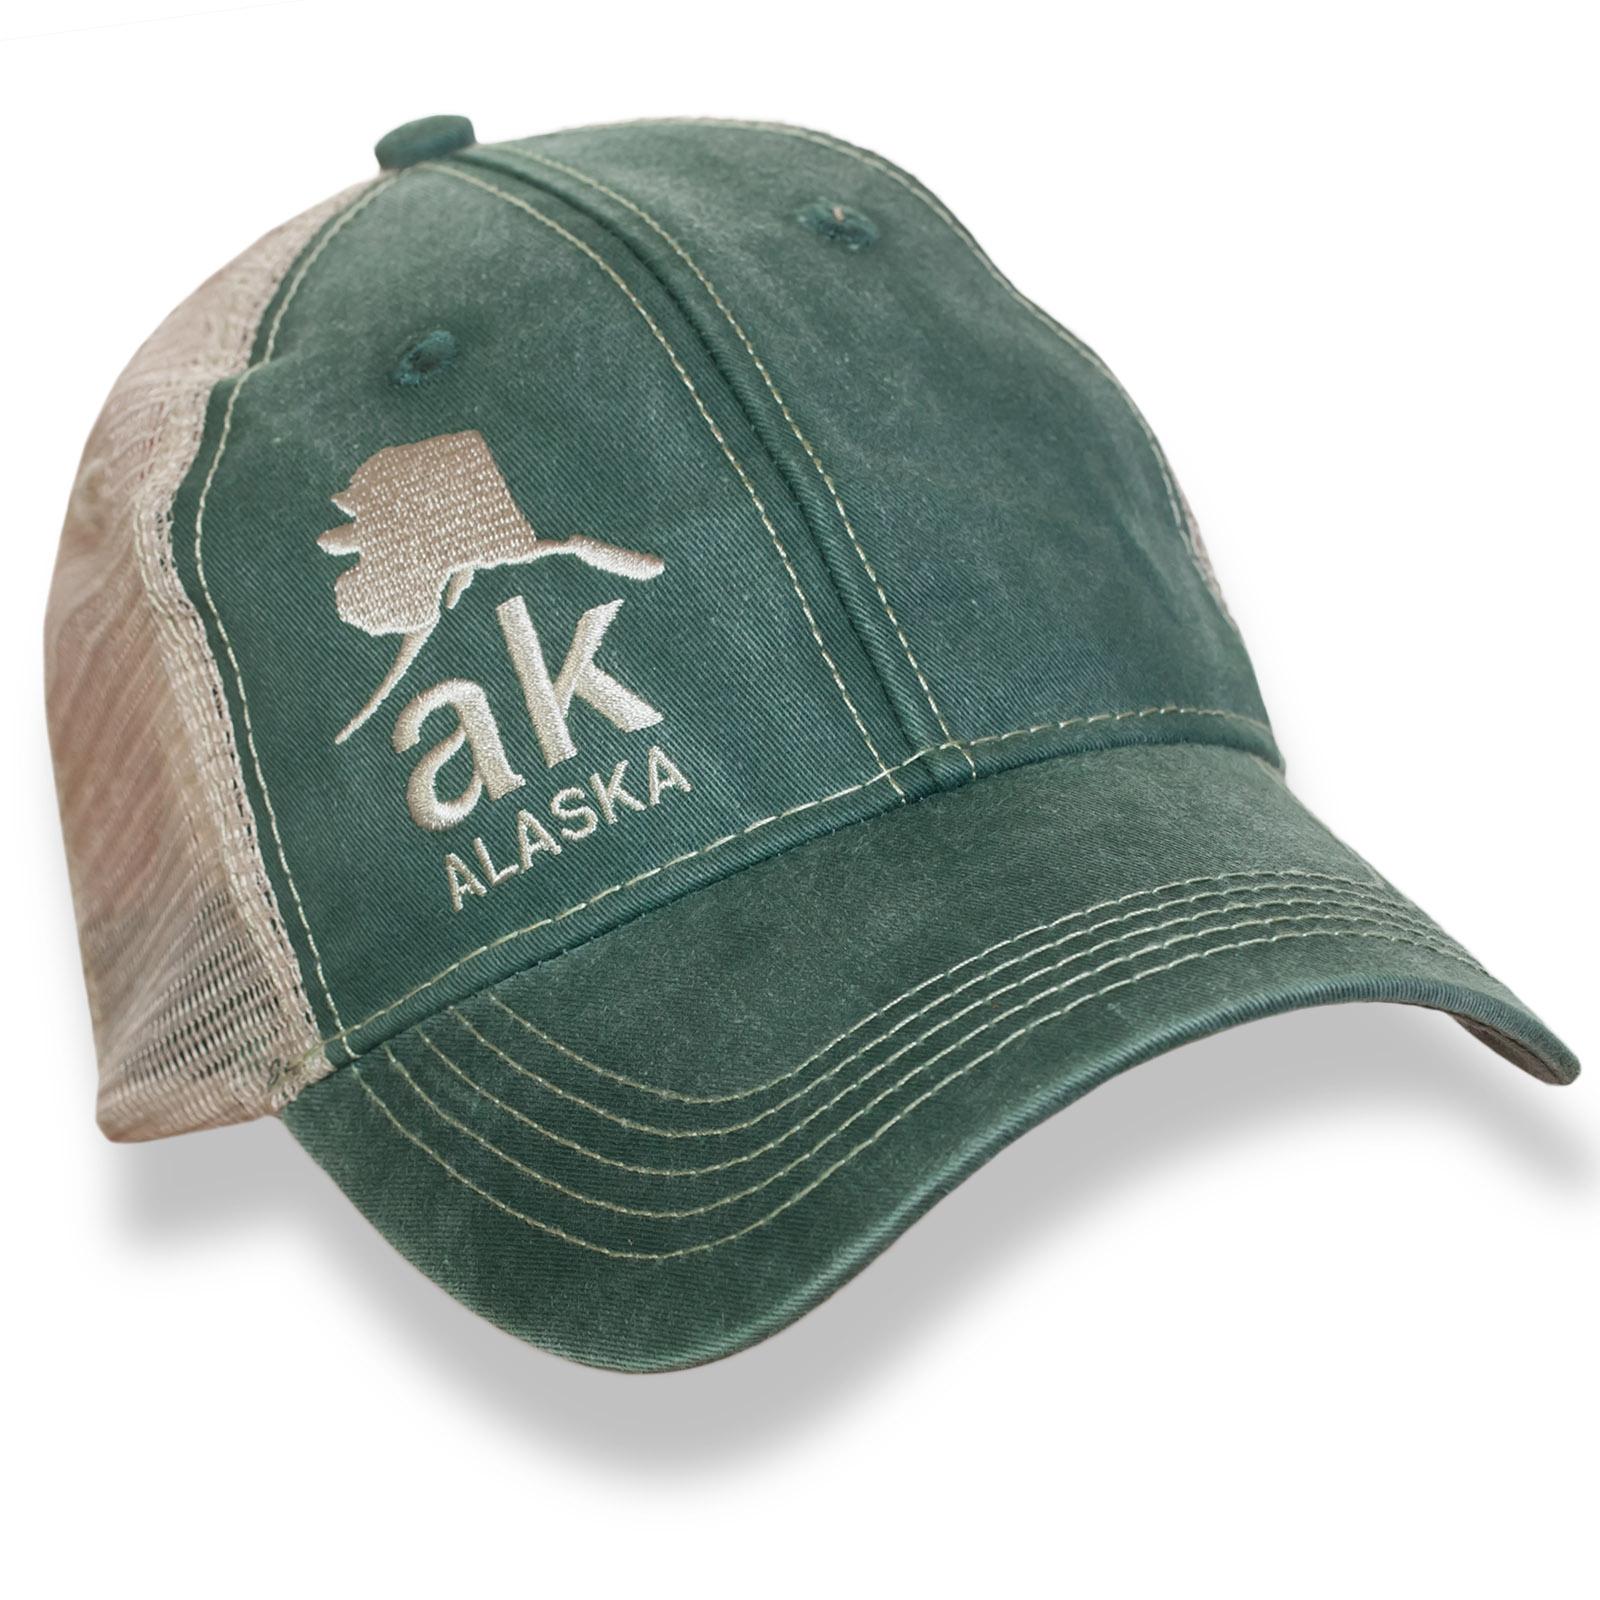 Темно-зеленая бейсболка Alaska с бежевой сеткой и вышивкой